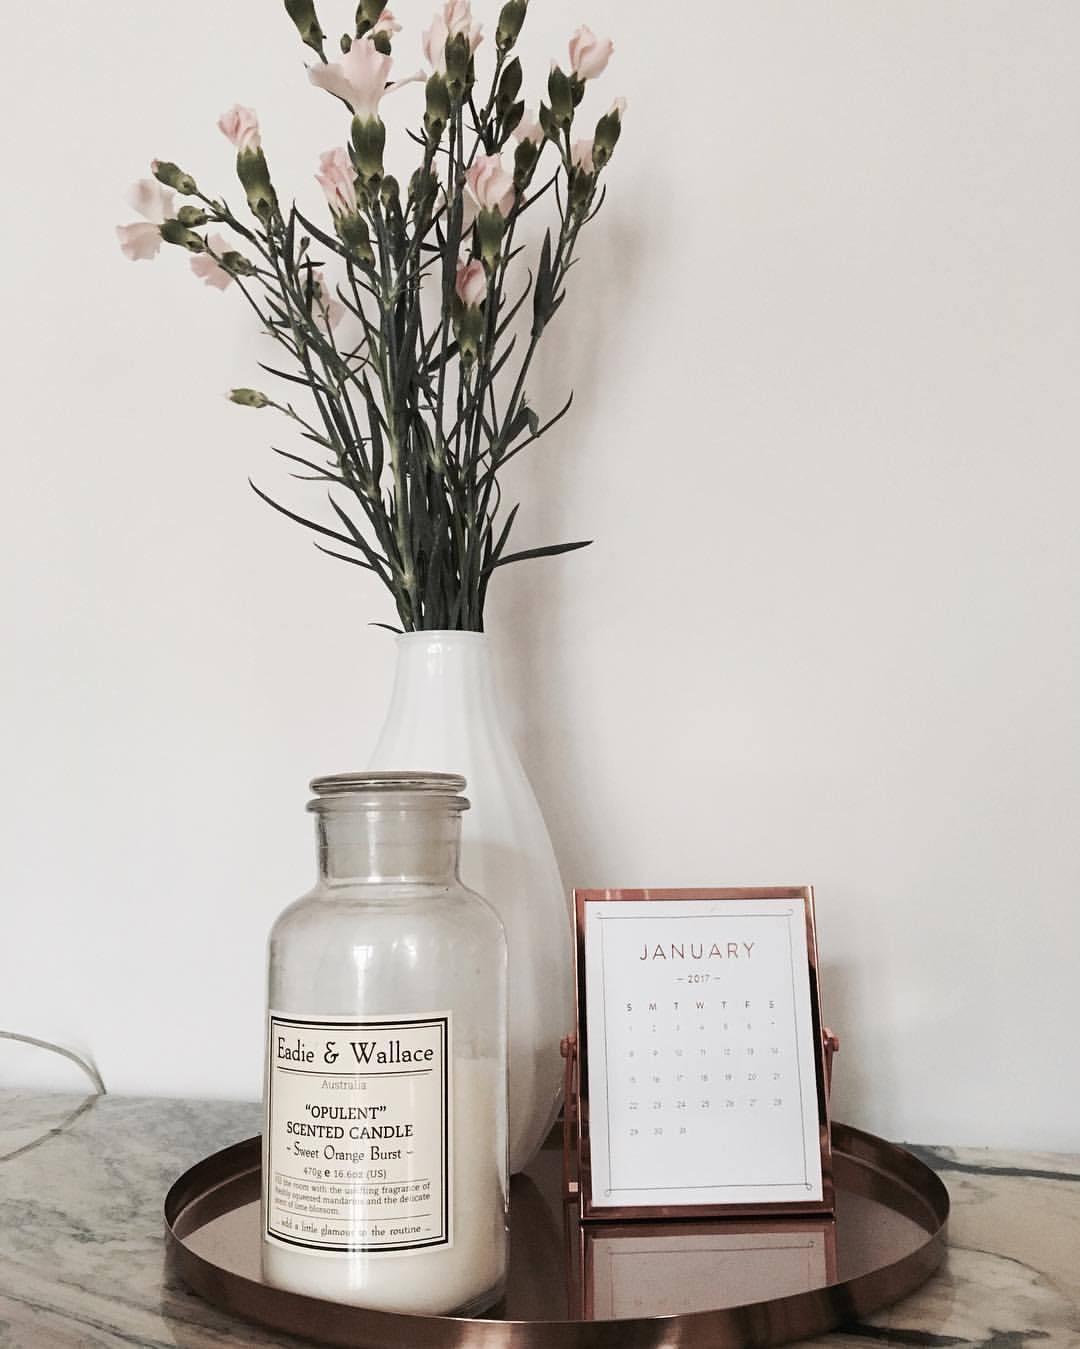 janediemitdemwolftanzt - My desk decoration 🕯🌸 #waitingforspring #copper #copperplate #calendar #marbletable #marble #decoration #interiordesign...